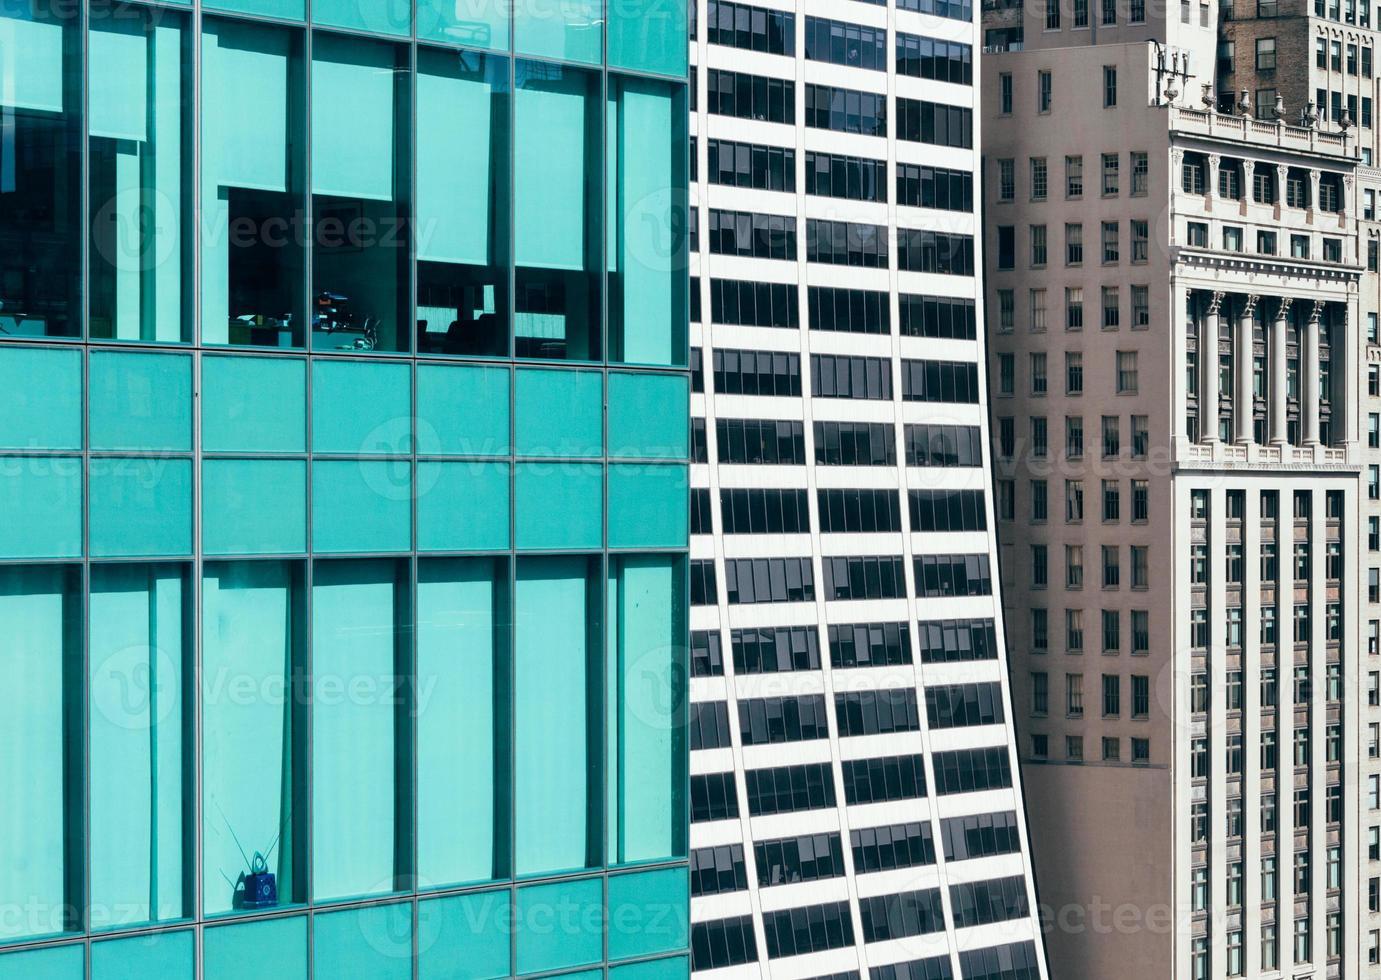 Détail de l'immeuble de bureaux de bryant park, manhattan, new york photo